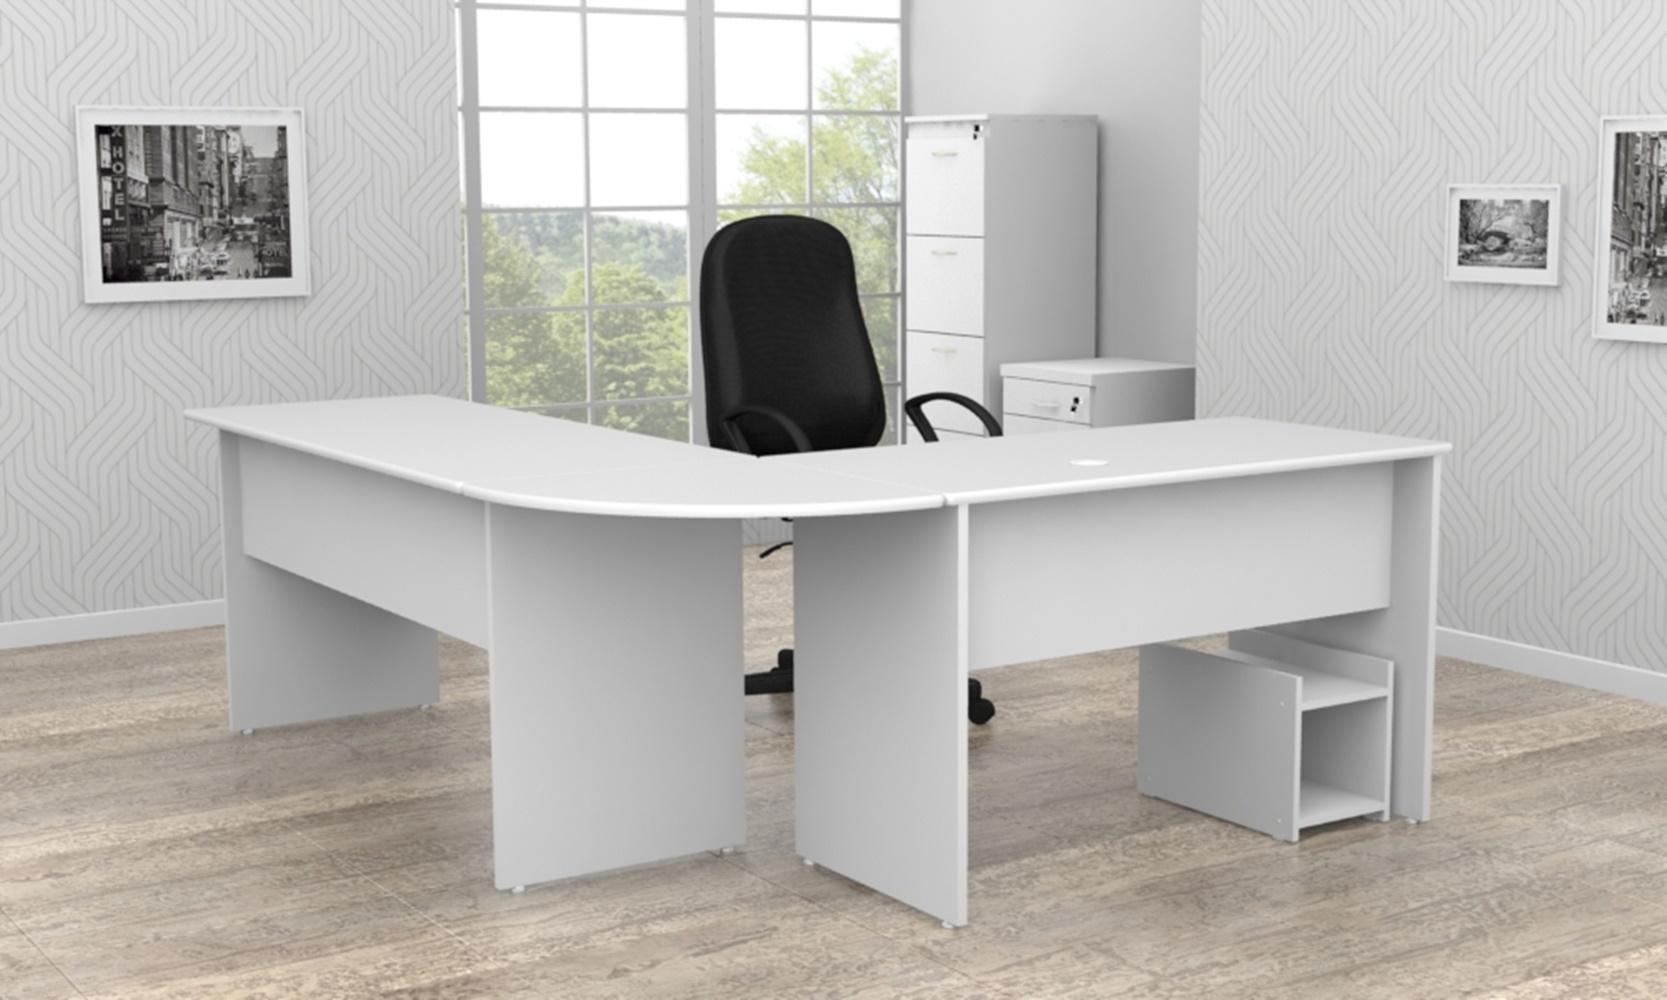 Mesa de Escritório Painel - (Tamanho de 100cm x 100cm)  - Mdf